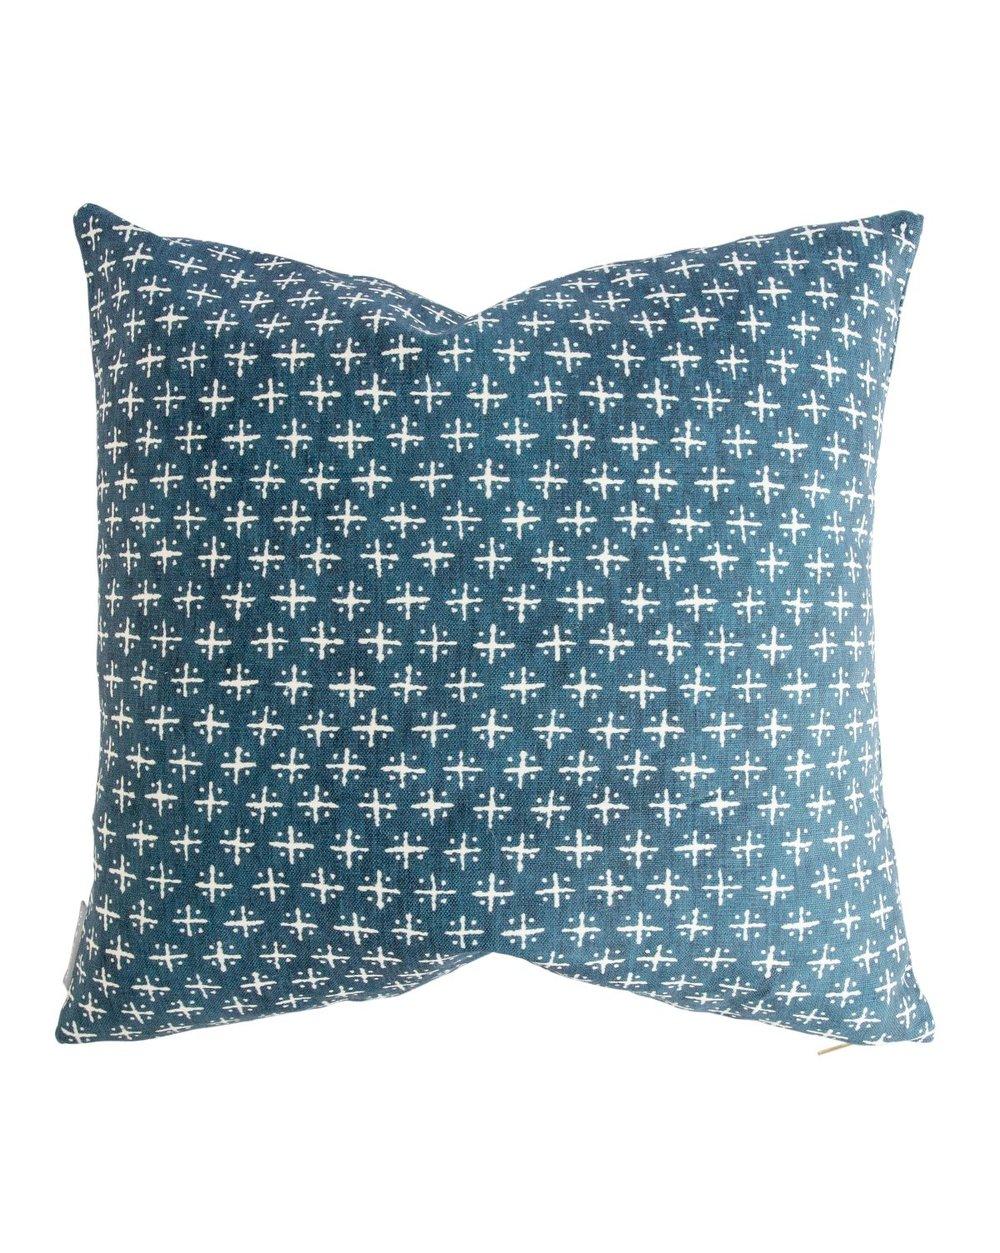 Newport_Cross_Pillow_1.jpg